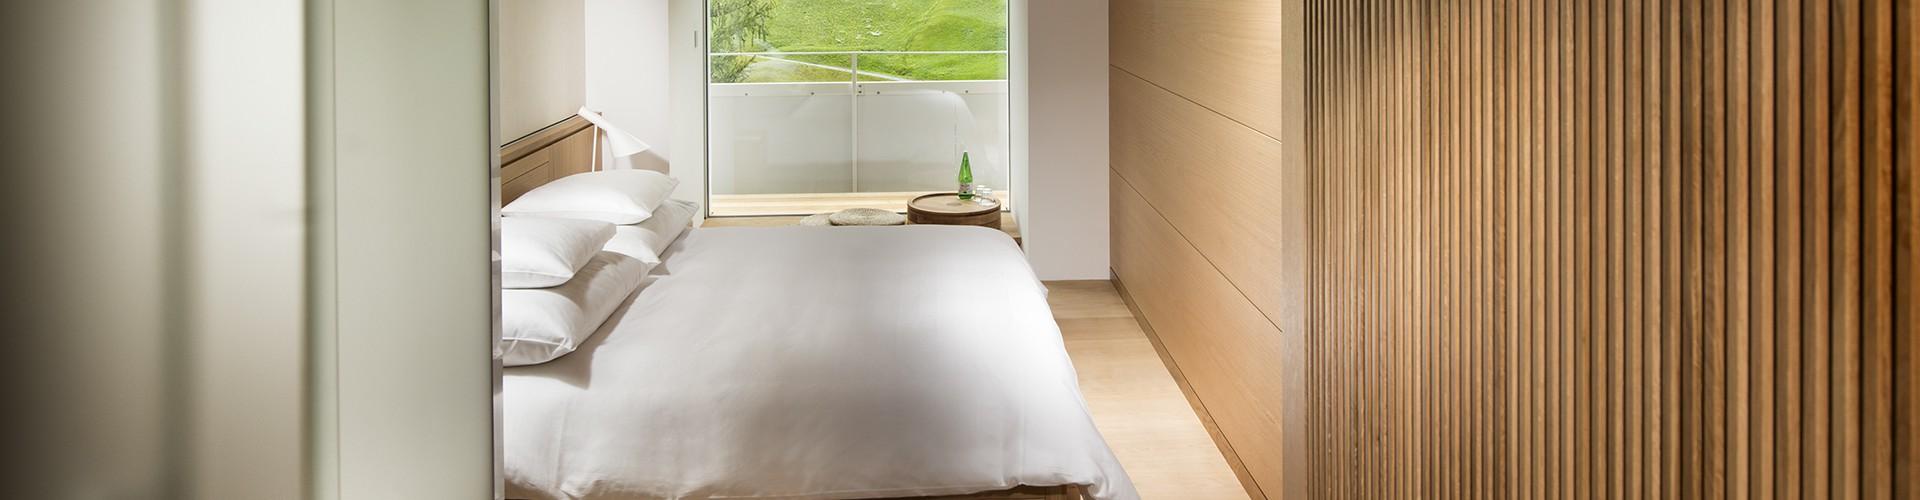 Hotelzimmer Tadao Ando